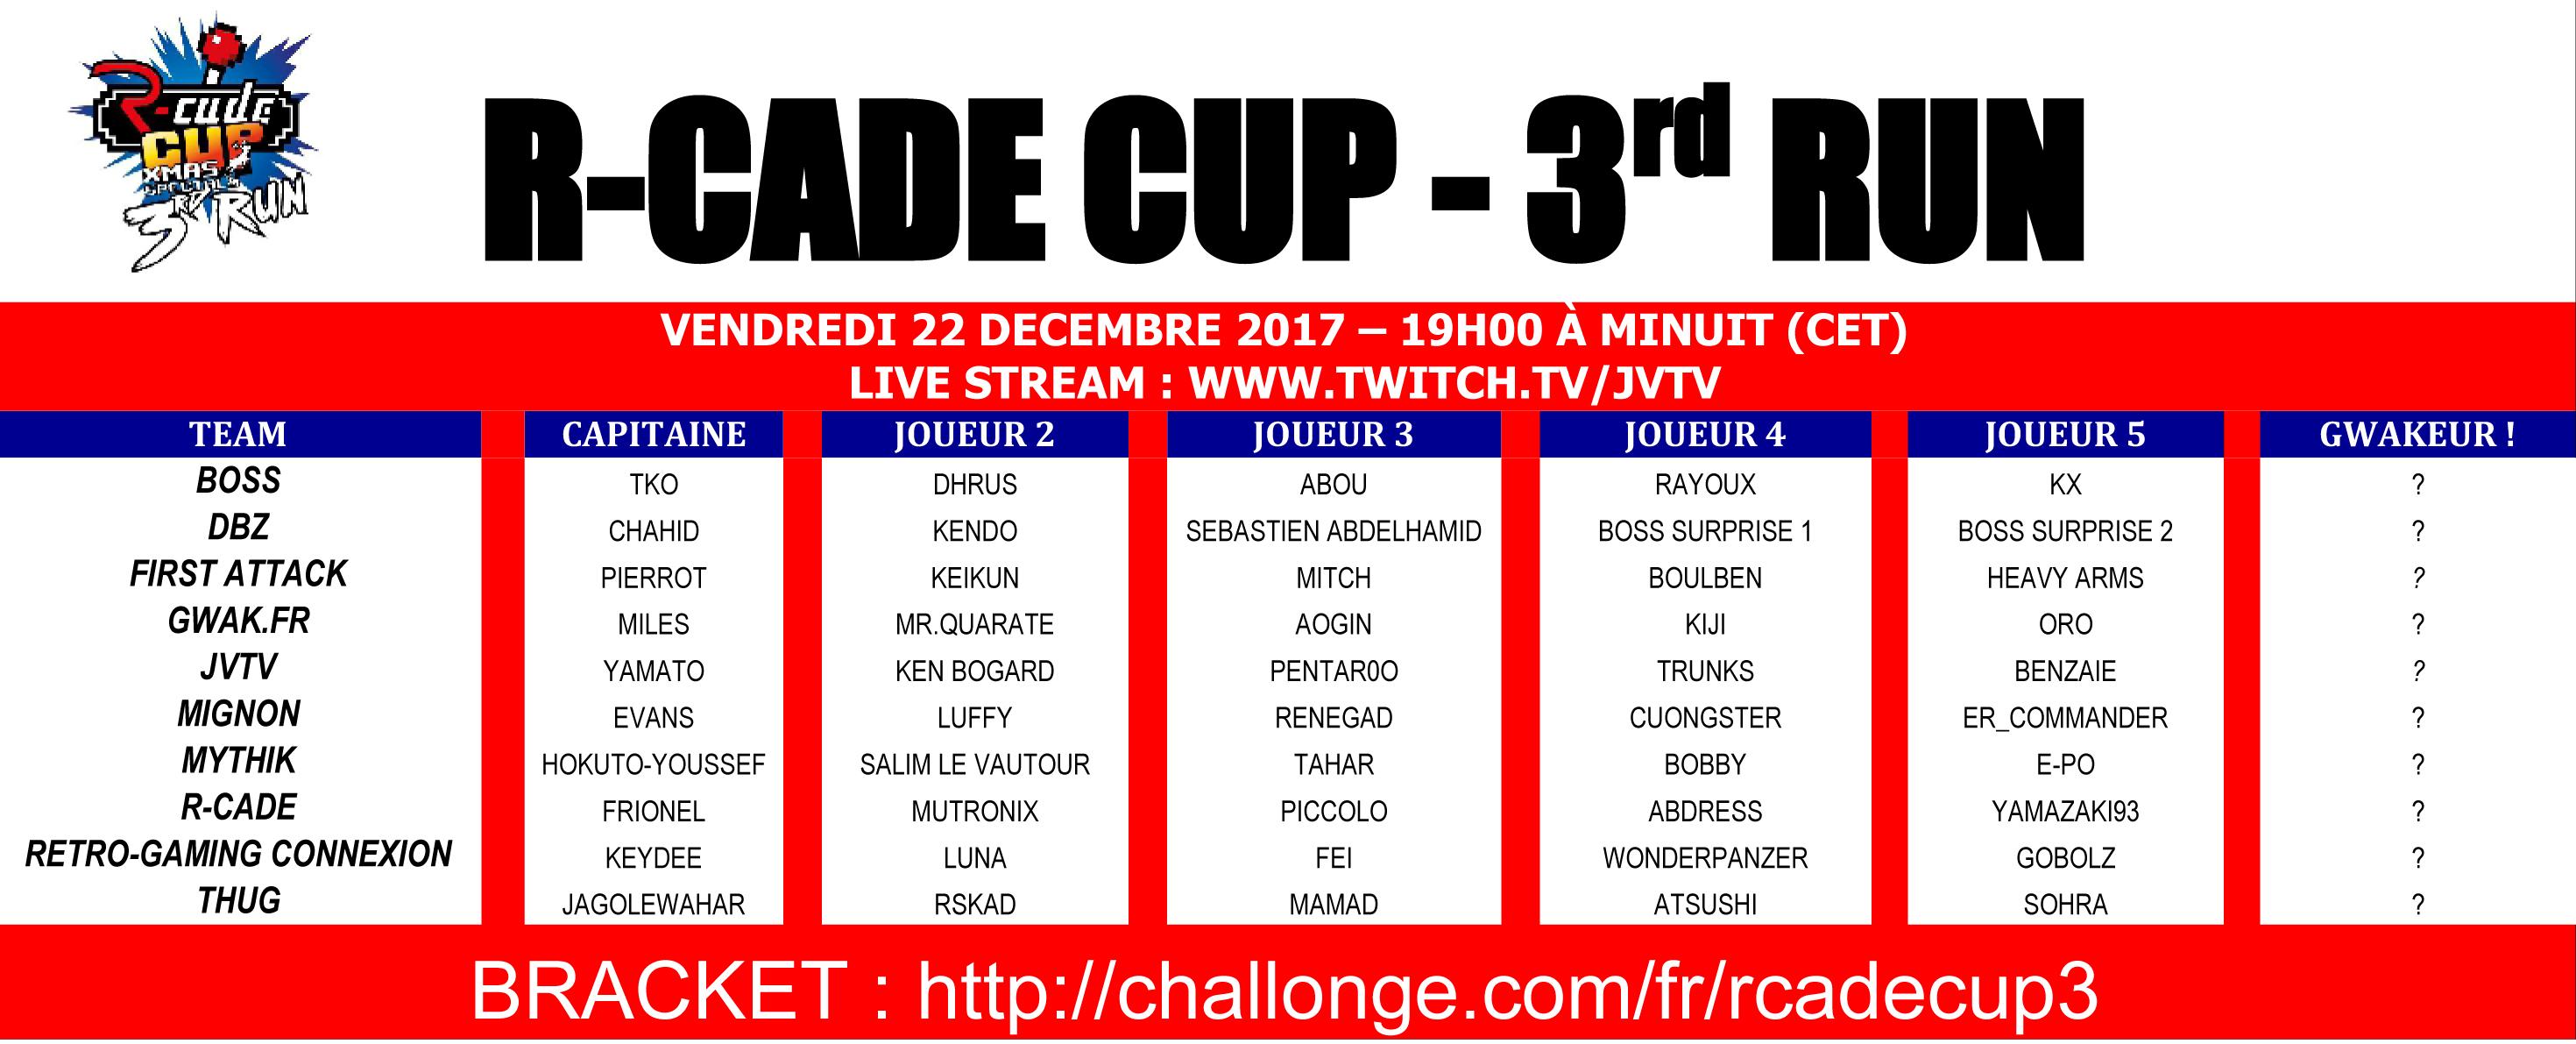 [R-Cade Cup] L'association RGC aura son équipe ! Vendredi 22 décembre ZjGB